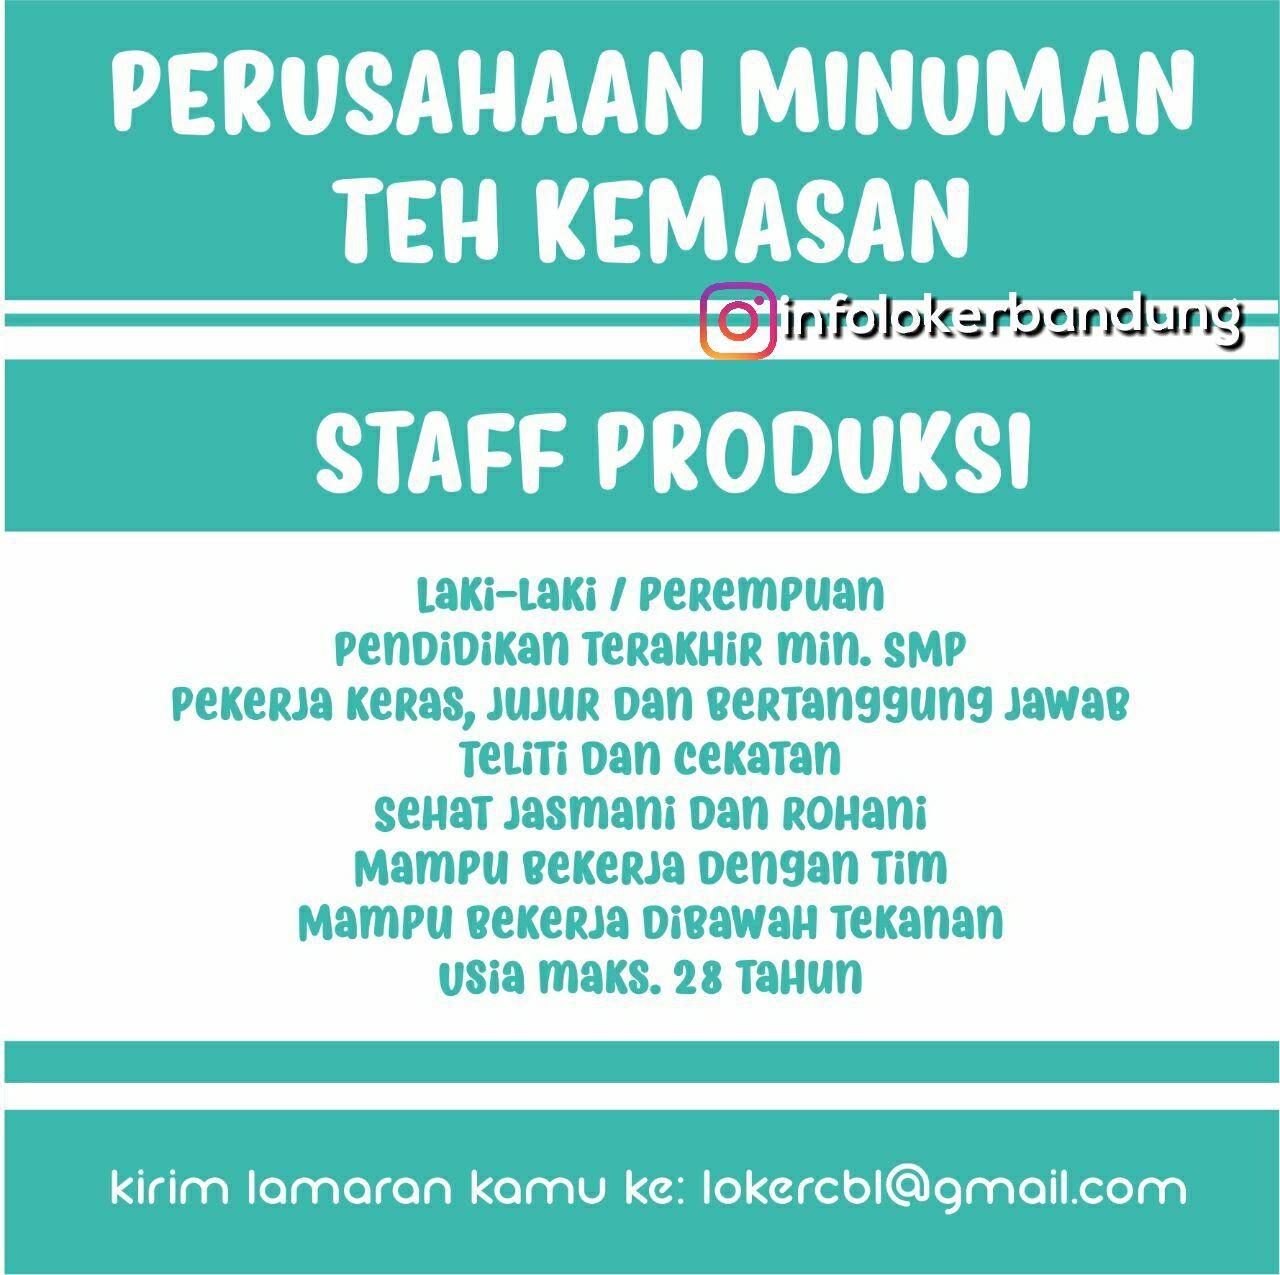 Lowongan Kerja Perusahaan Minuman Teh Kemasan Bandung Desember 2017